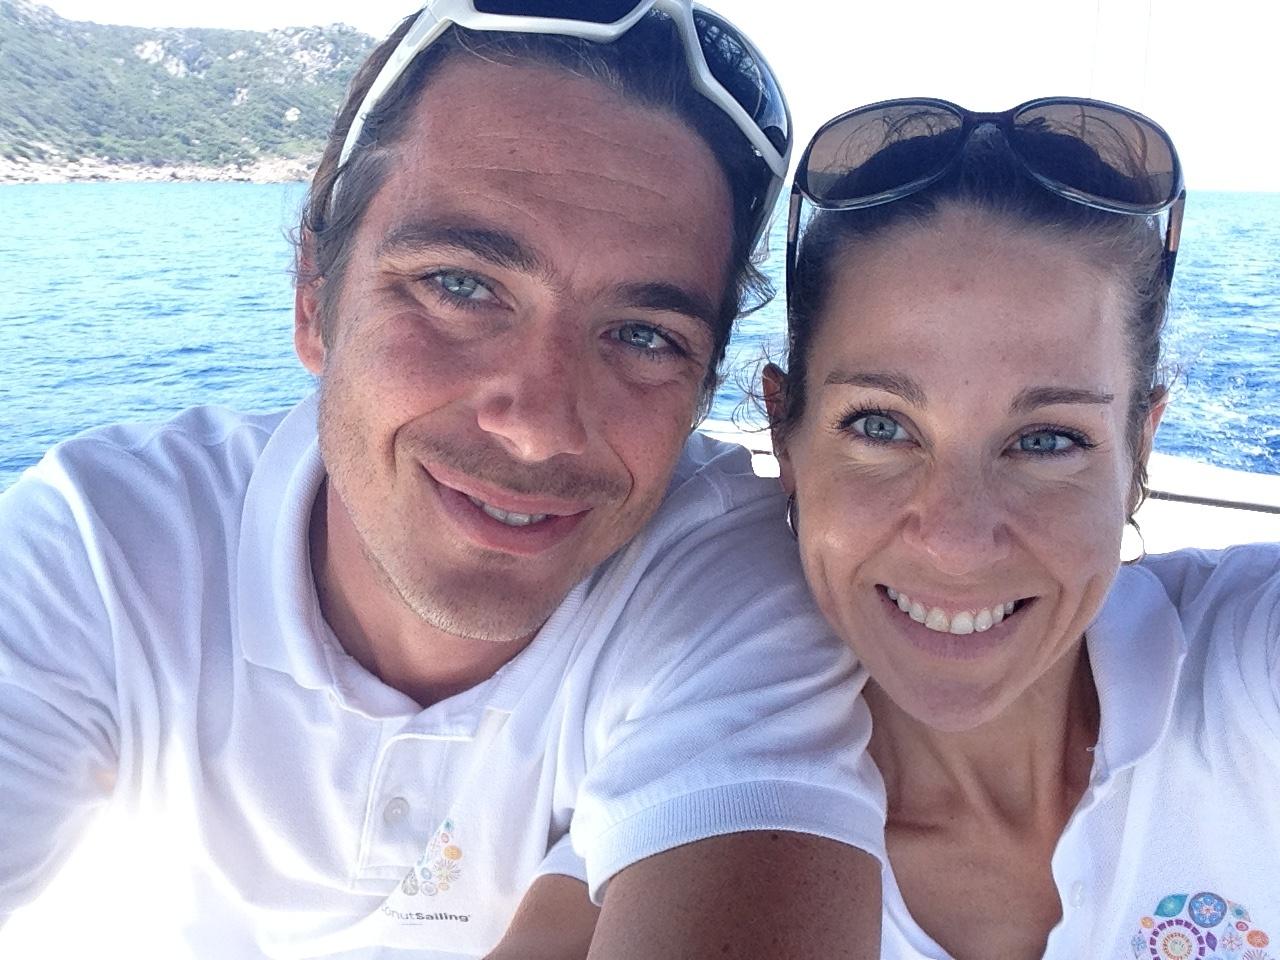 Cecile et Jean-Pierre CoconutSailing